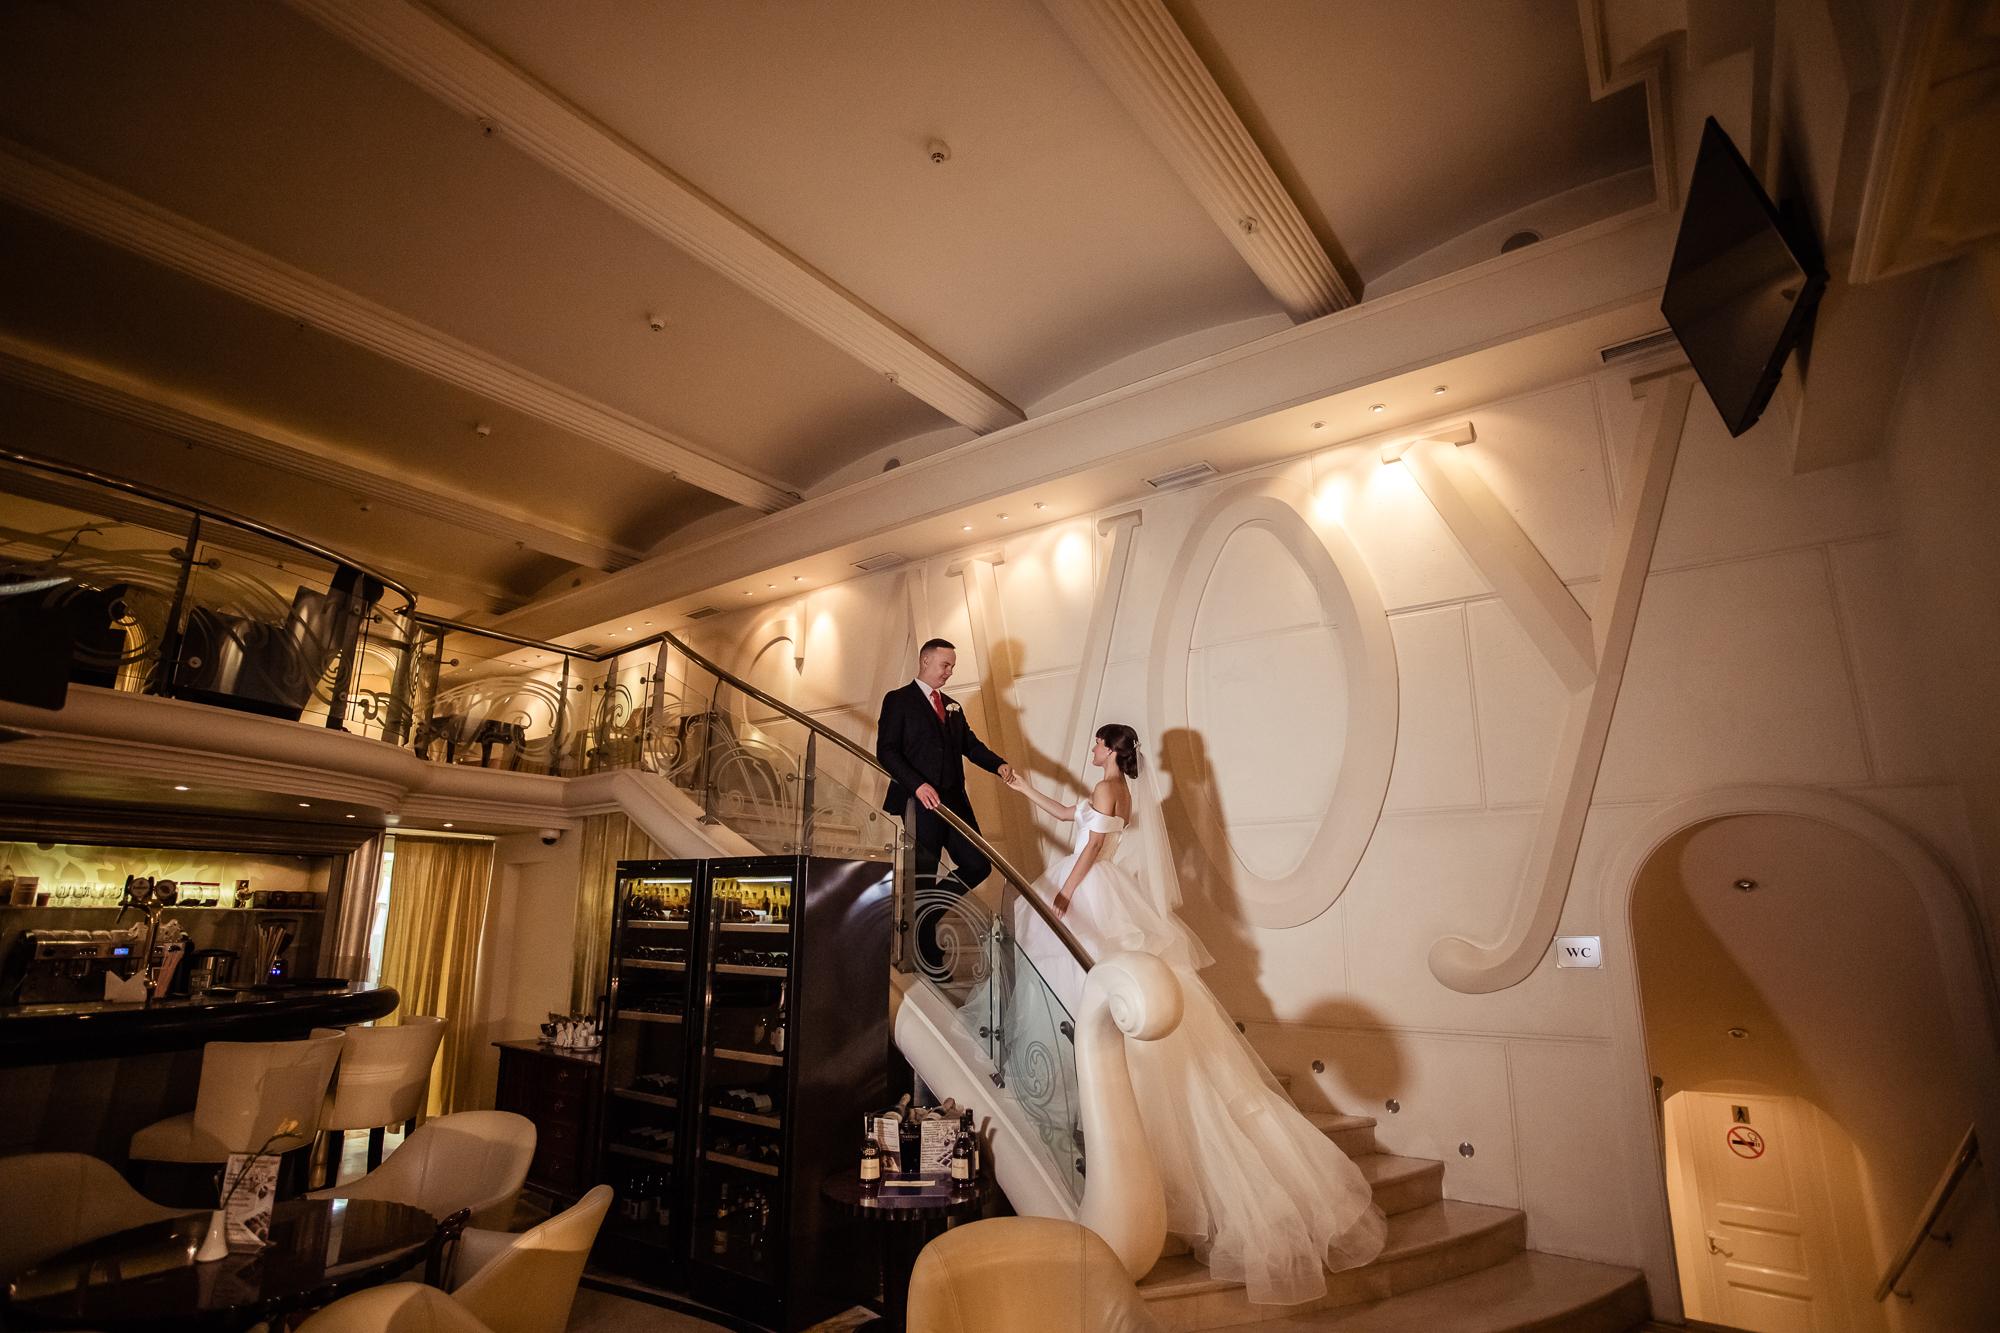 Свадьба Виктории и Александра, г. Москва. Анонс